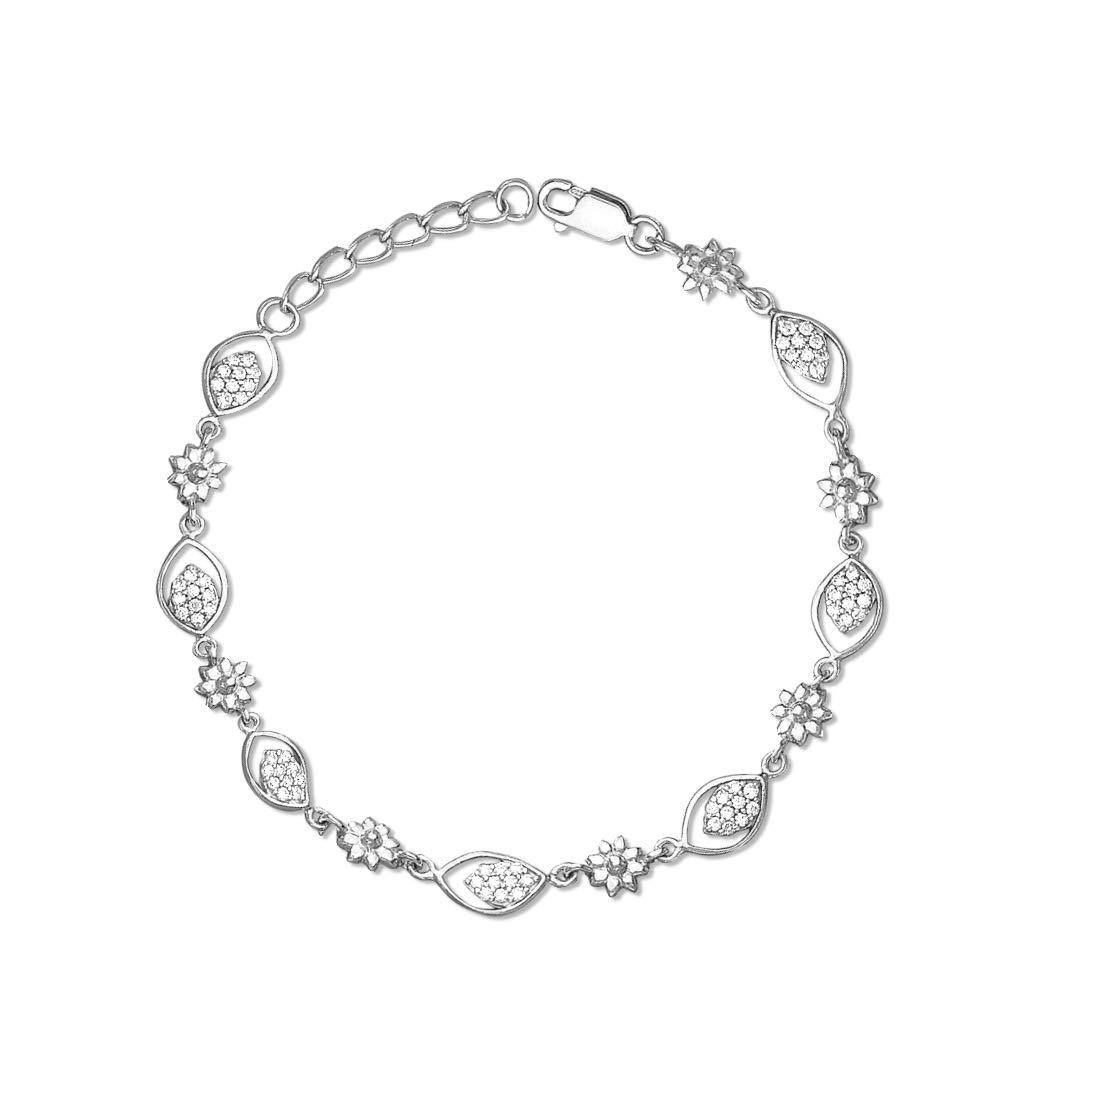 Taraash 925 Sterling Silver Floral Shape Bracelet for Women BR1780R